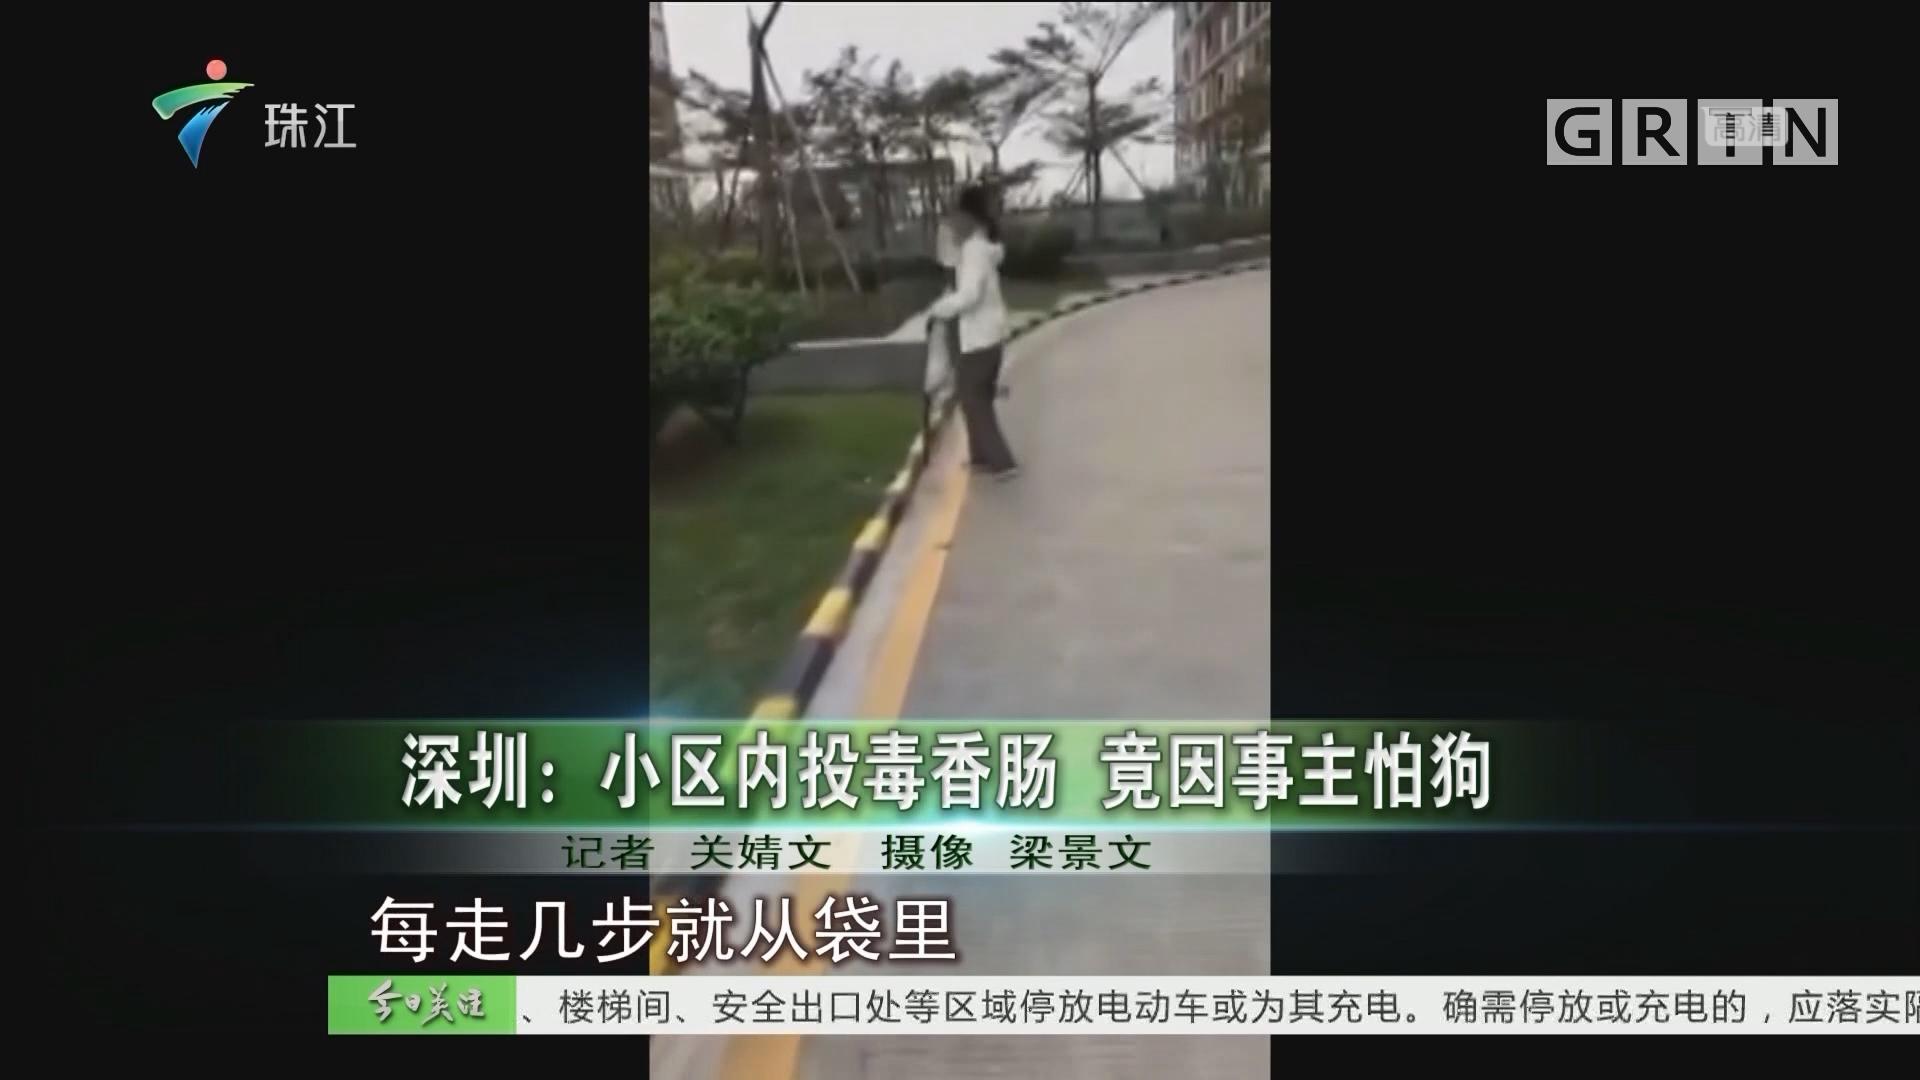 深圳:小区内投毒香肠 竟因事主怕狗